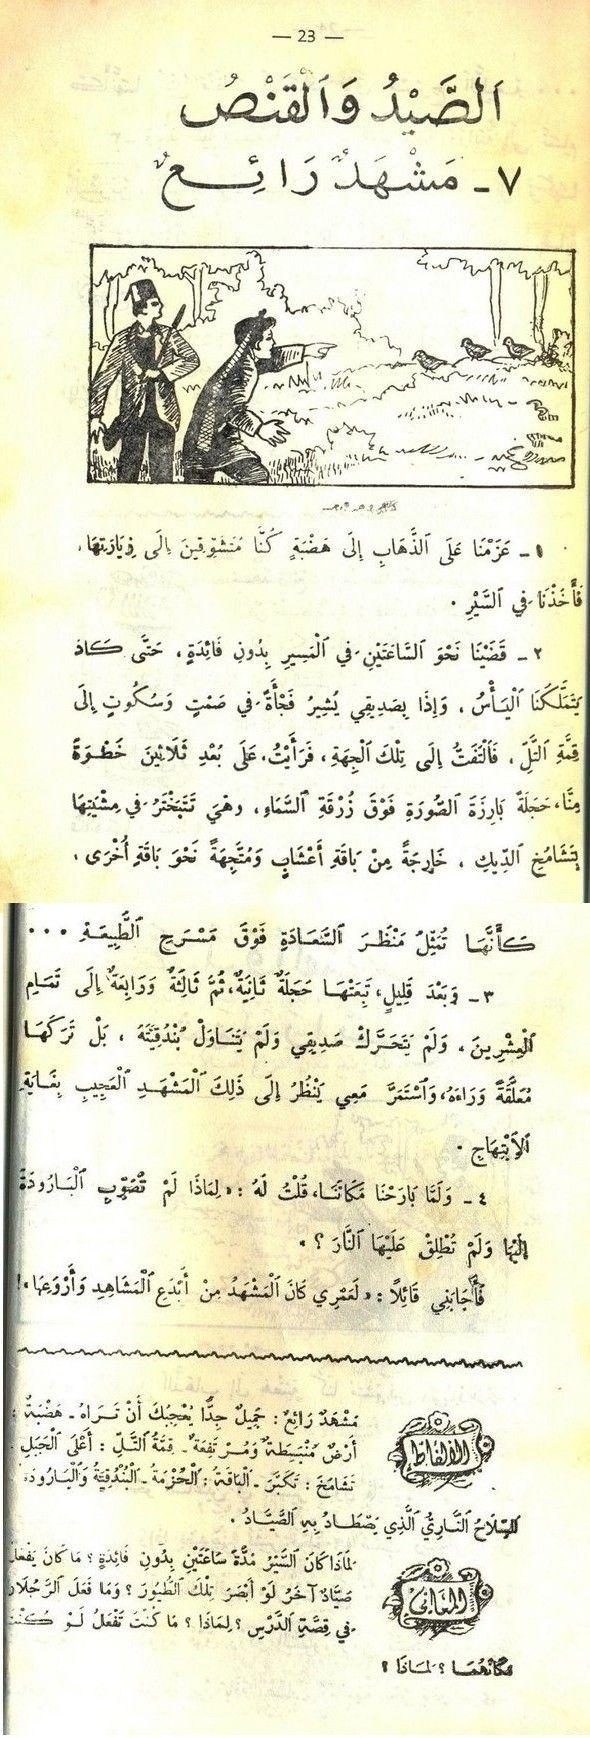 من نصوص المقرر التونسي القديمة المبهجة كتاب القراءة لتلاميذ السنة الرابعة ابتدائي Arabic Language Learning Time Language